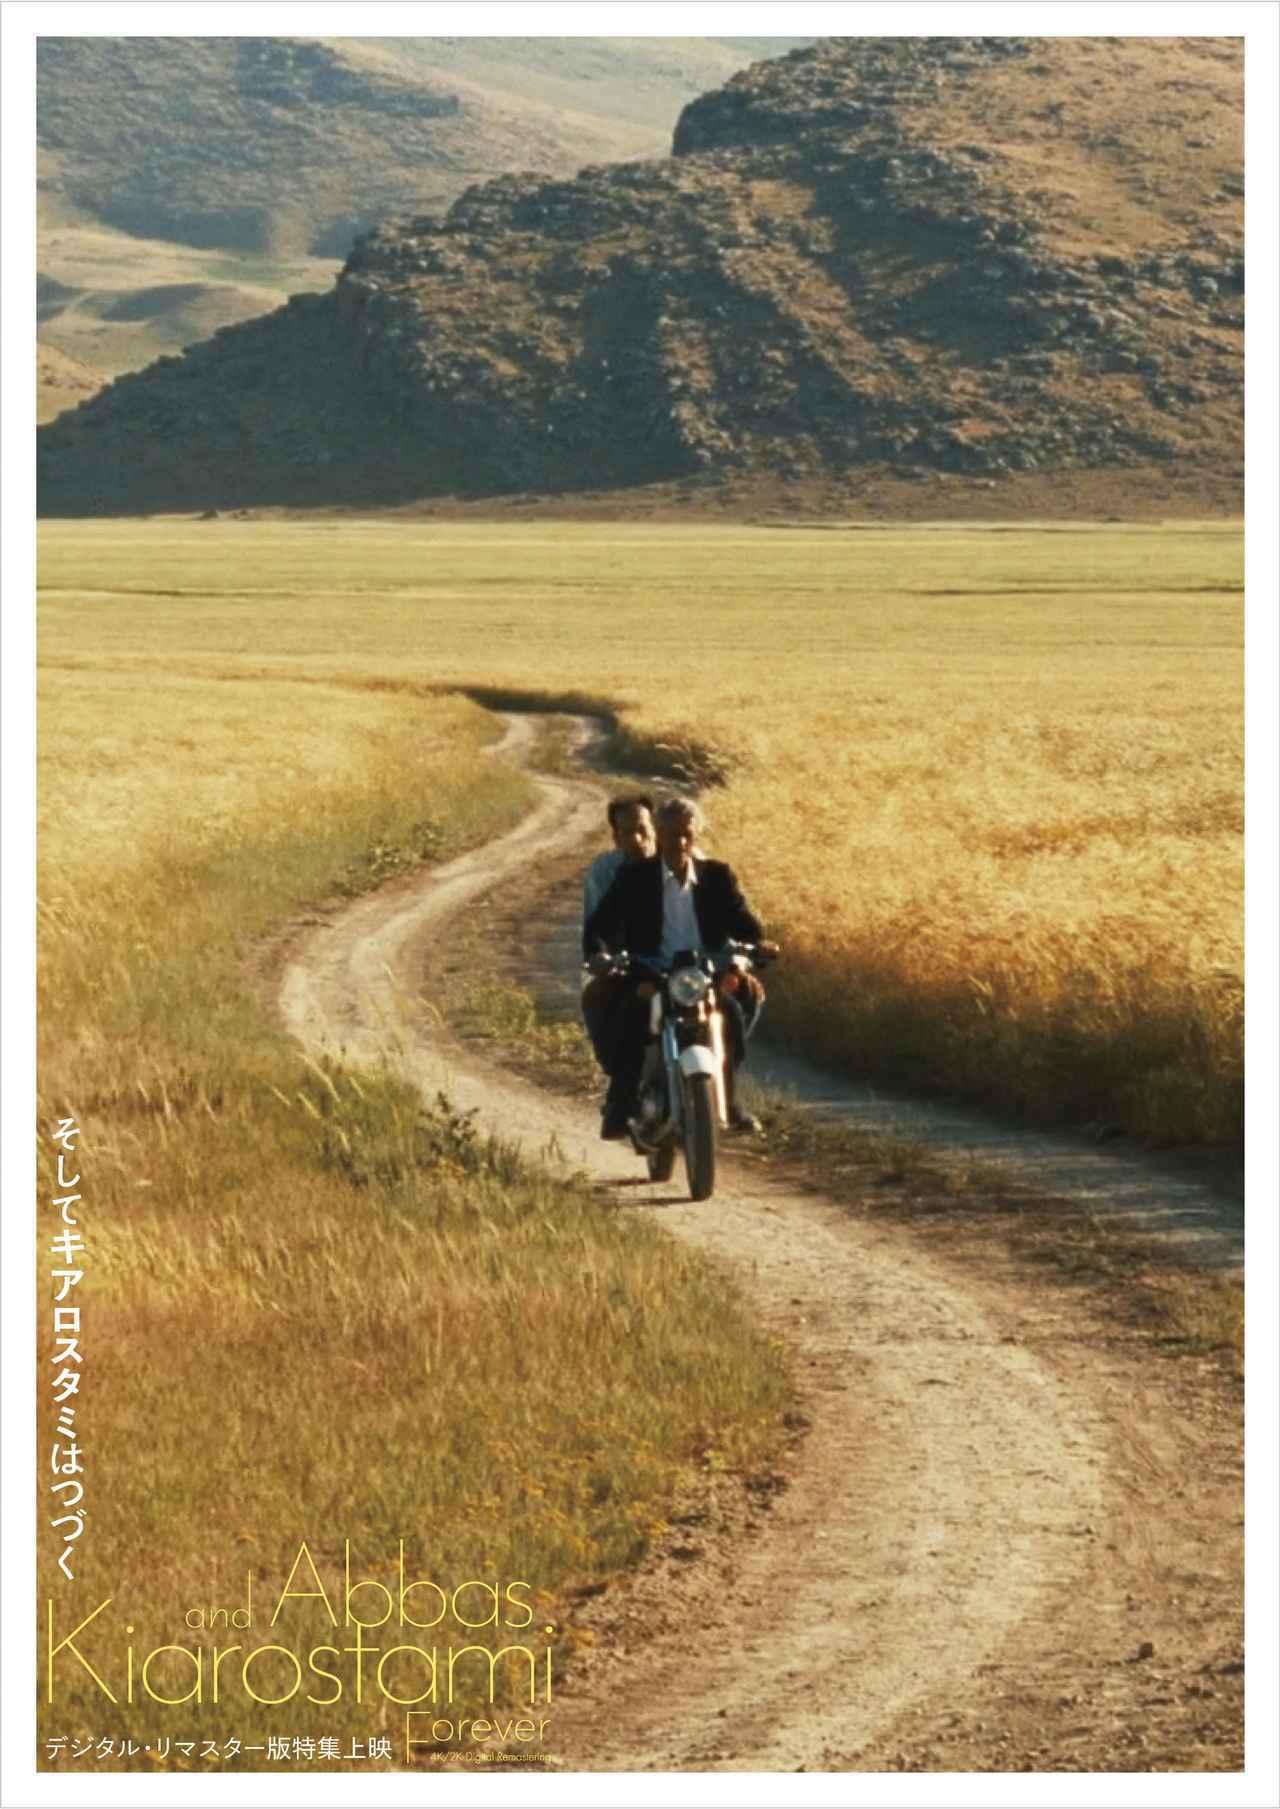 画像3: イラン映画の巨匠アッバス・キアロスタミ監督 生誕 81 年、没後5年を記念して、 世界中で愛される、ジグザグ道三部作を中心に、 初期の珠玉の名作がスクリーンによみがえる。